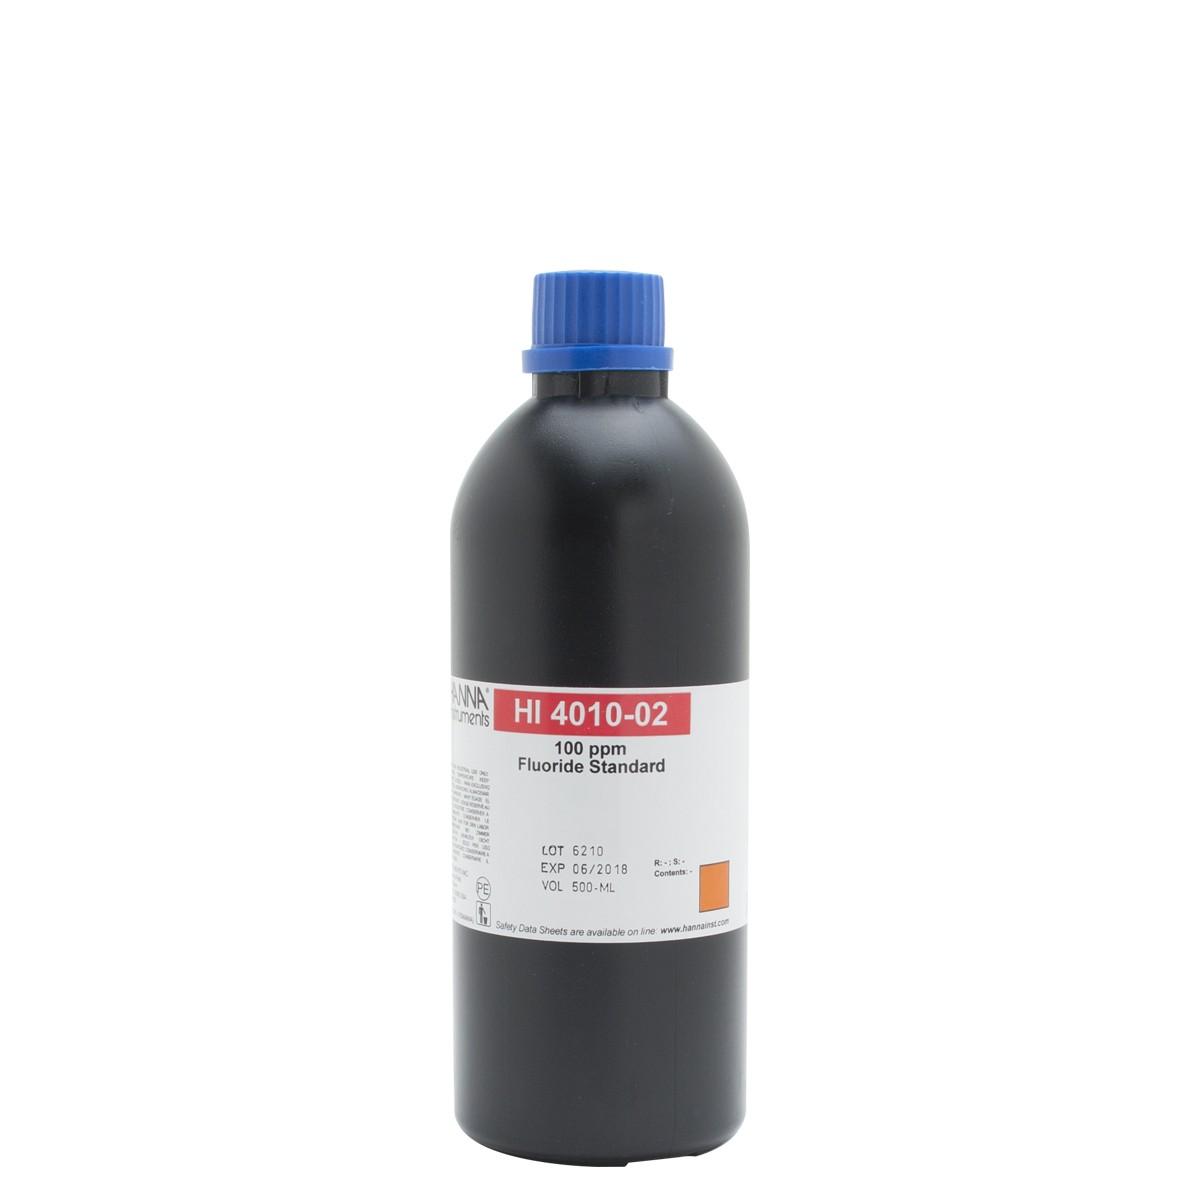 Soluzione standard fluoruri 100 ppm - HI4010-02